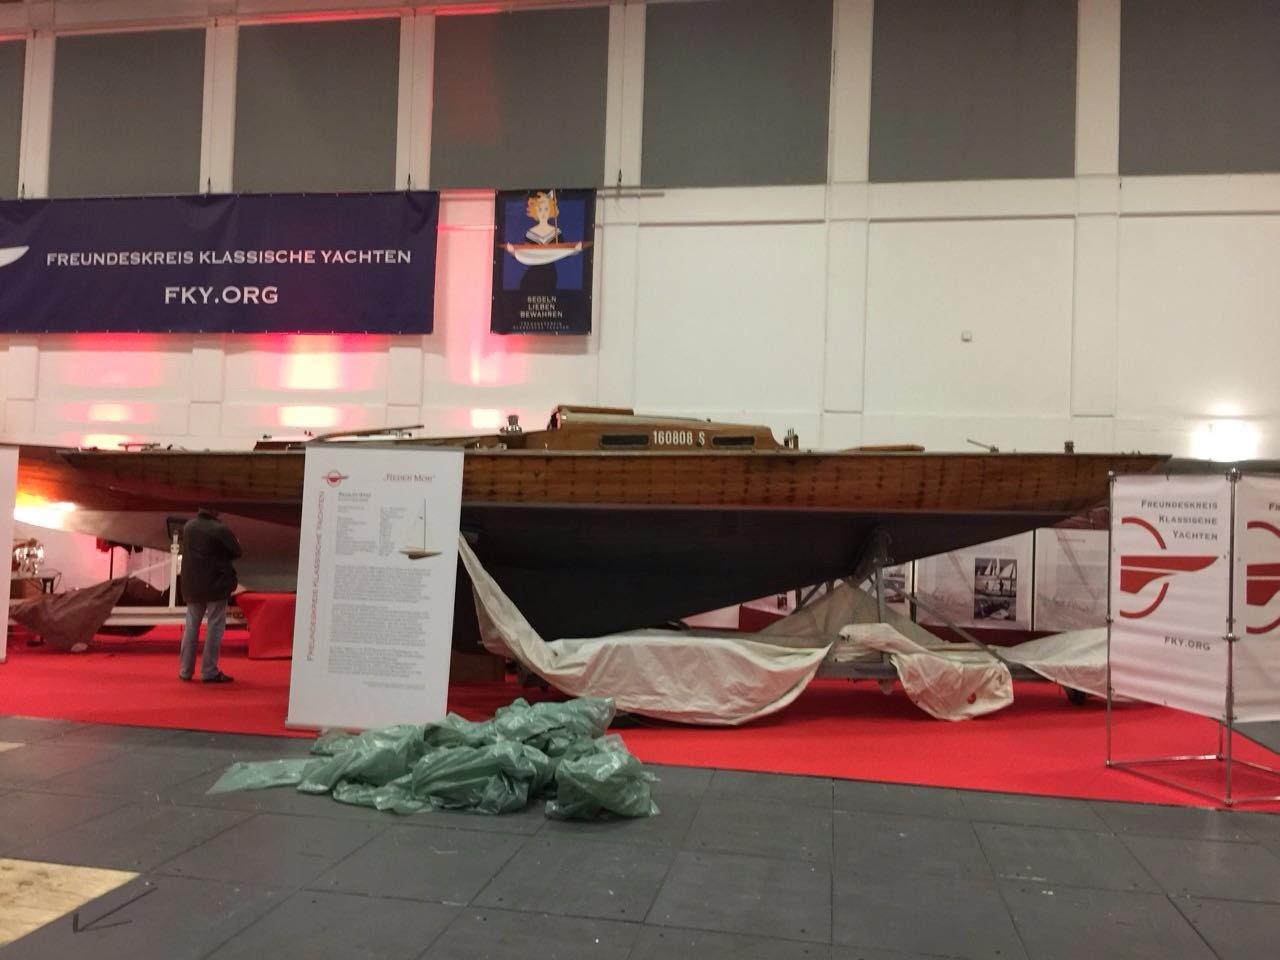 Le Requin présenté au salon nautique de Berlin à l'occasion de son 85e anniversaire !